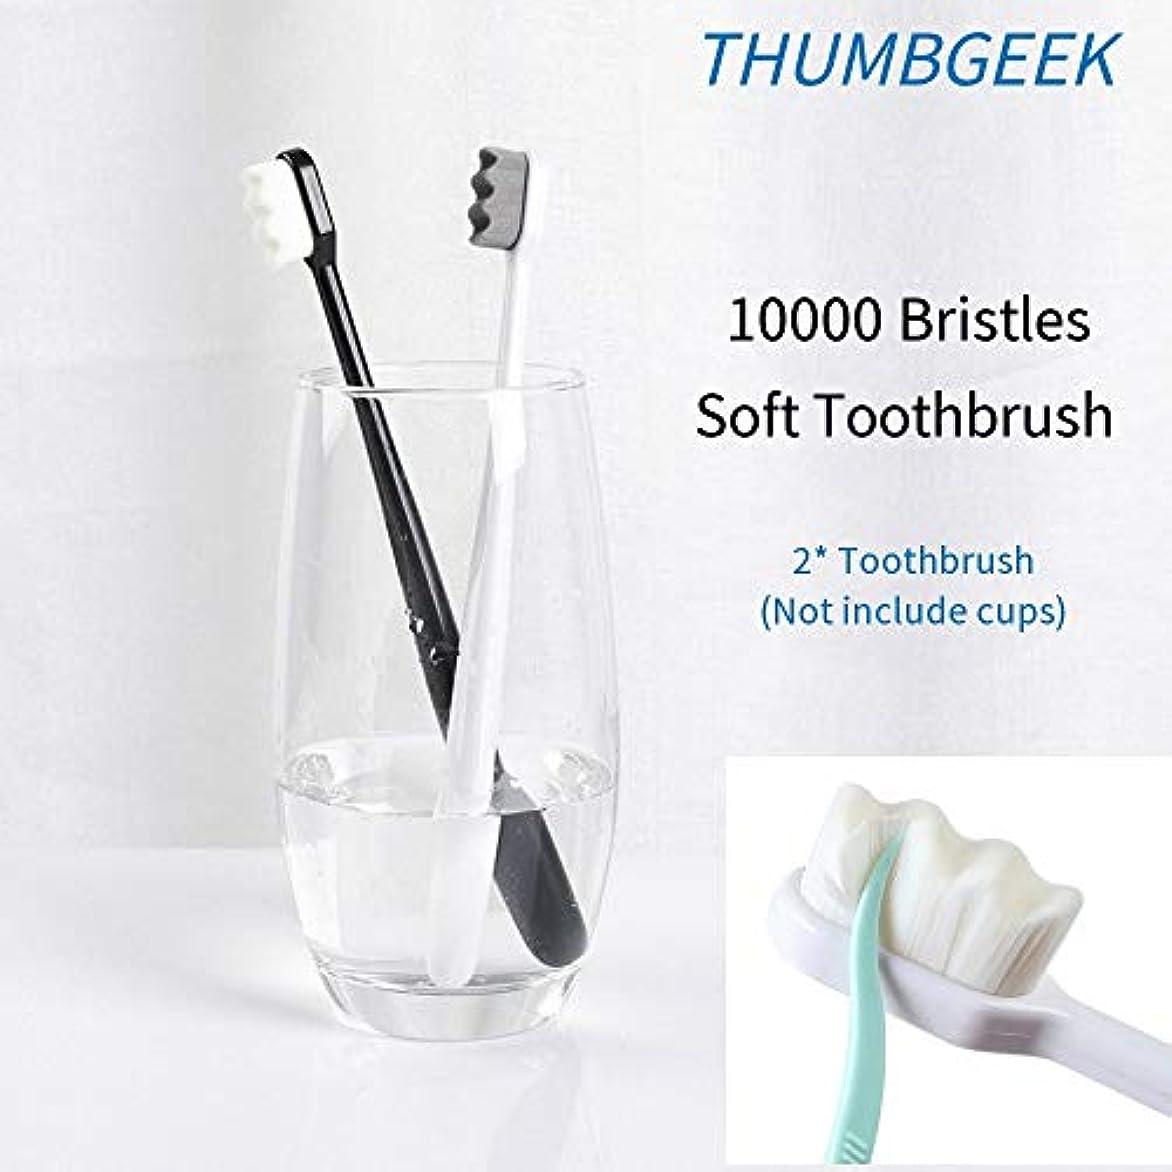 成長するの頭の上回転する2本の歯ブラシ、ウルトラソフト歯ブラシ、家族の妊娠中の女性用、年配の看護の歯肉に敏感なディープマウスクリーンオーラルケア、手動歯ブラシ